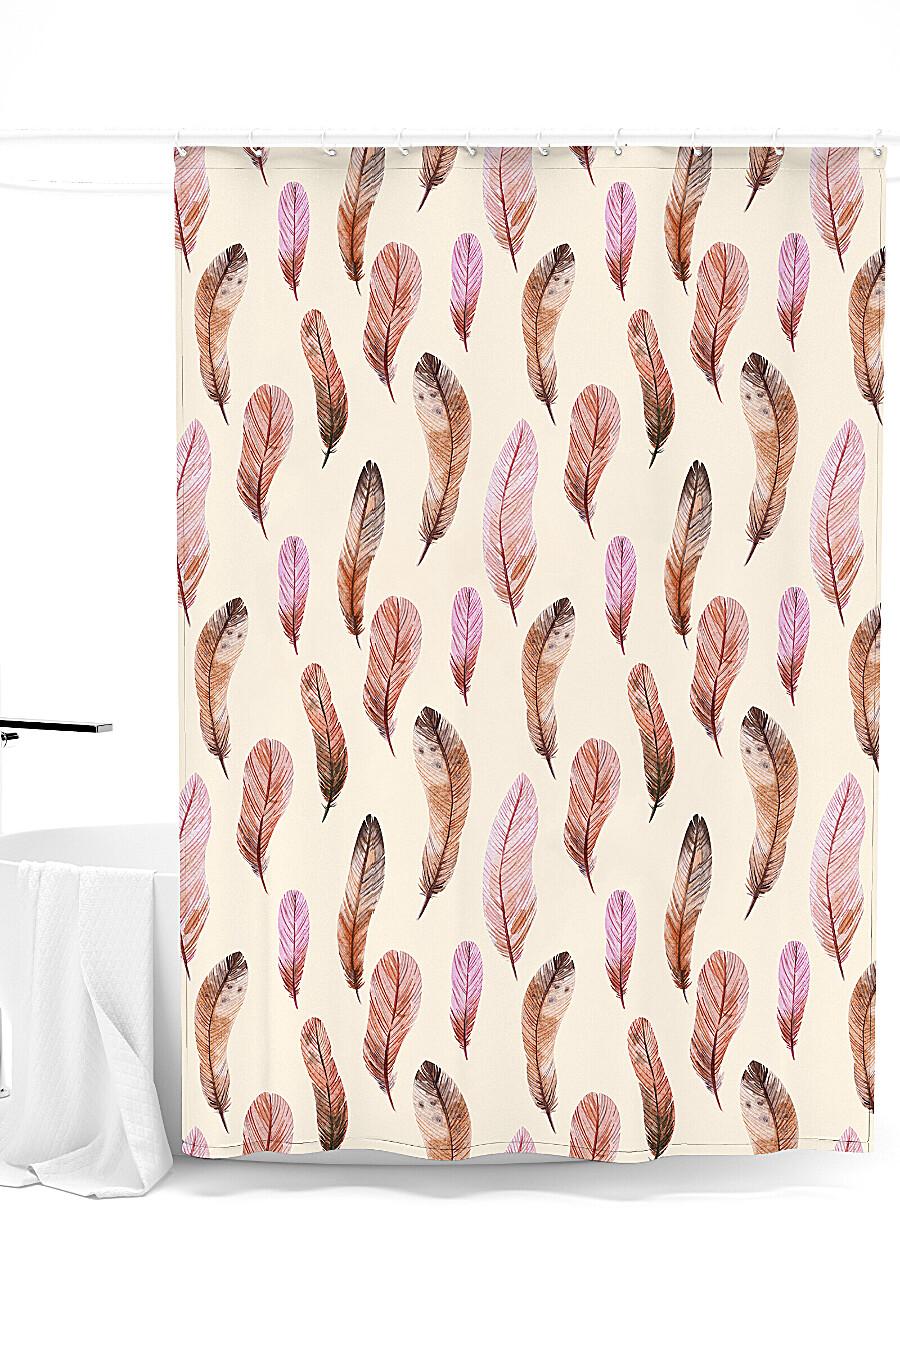 Штора для ванной для дома ART HOME TEXTILE 247934 купить оптом от производителя. Совместная покупка товаров для дома в OptMoyo